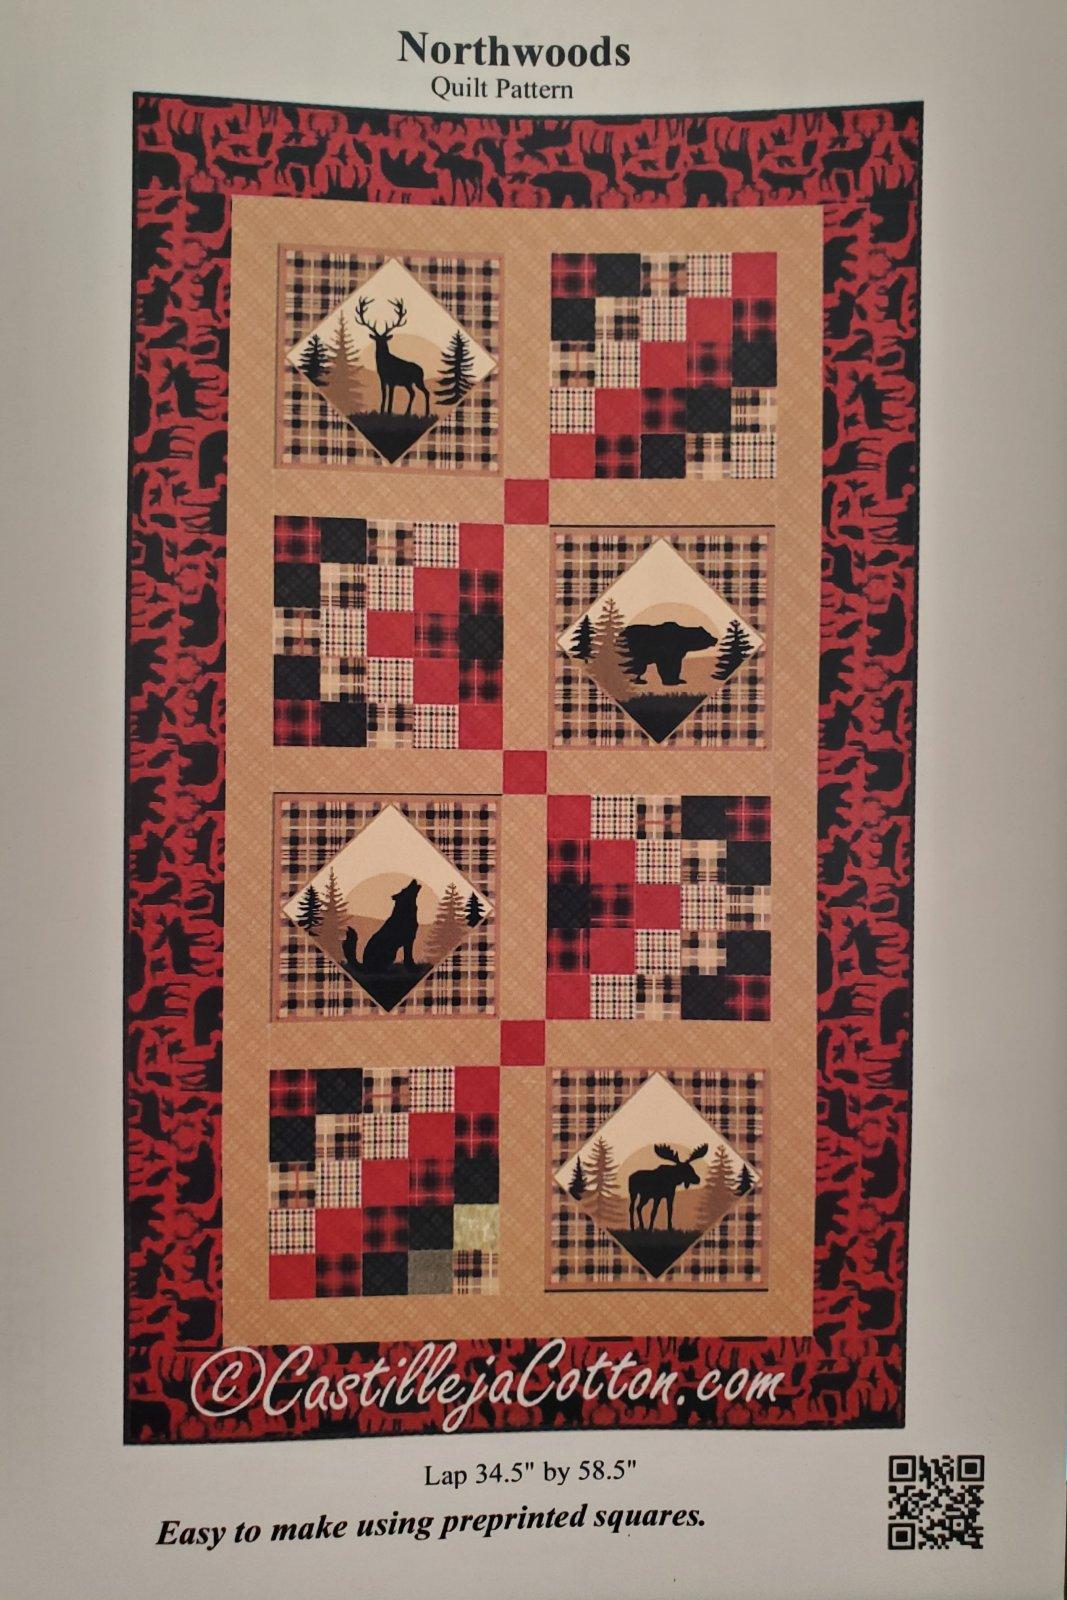 Northwoods Quilt Pattern CJC35002